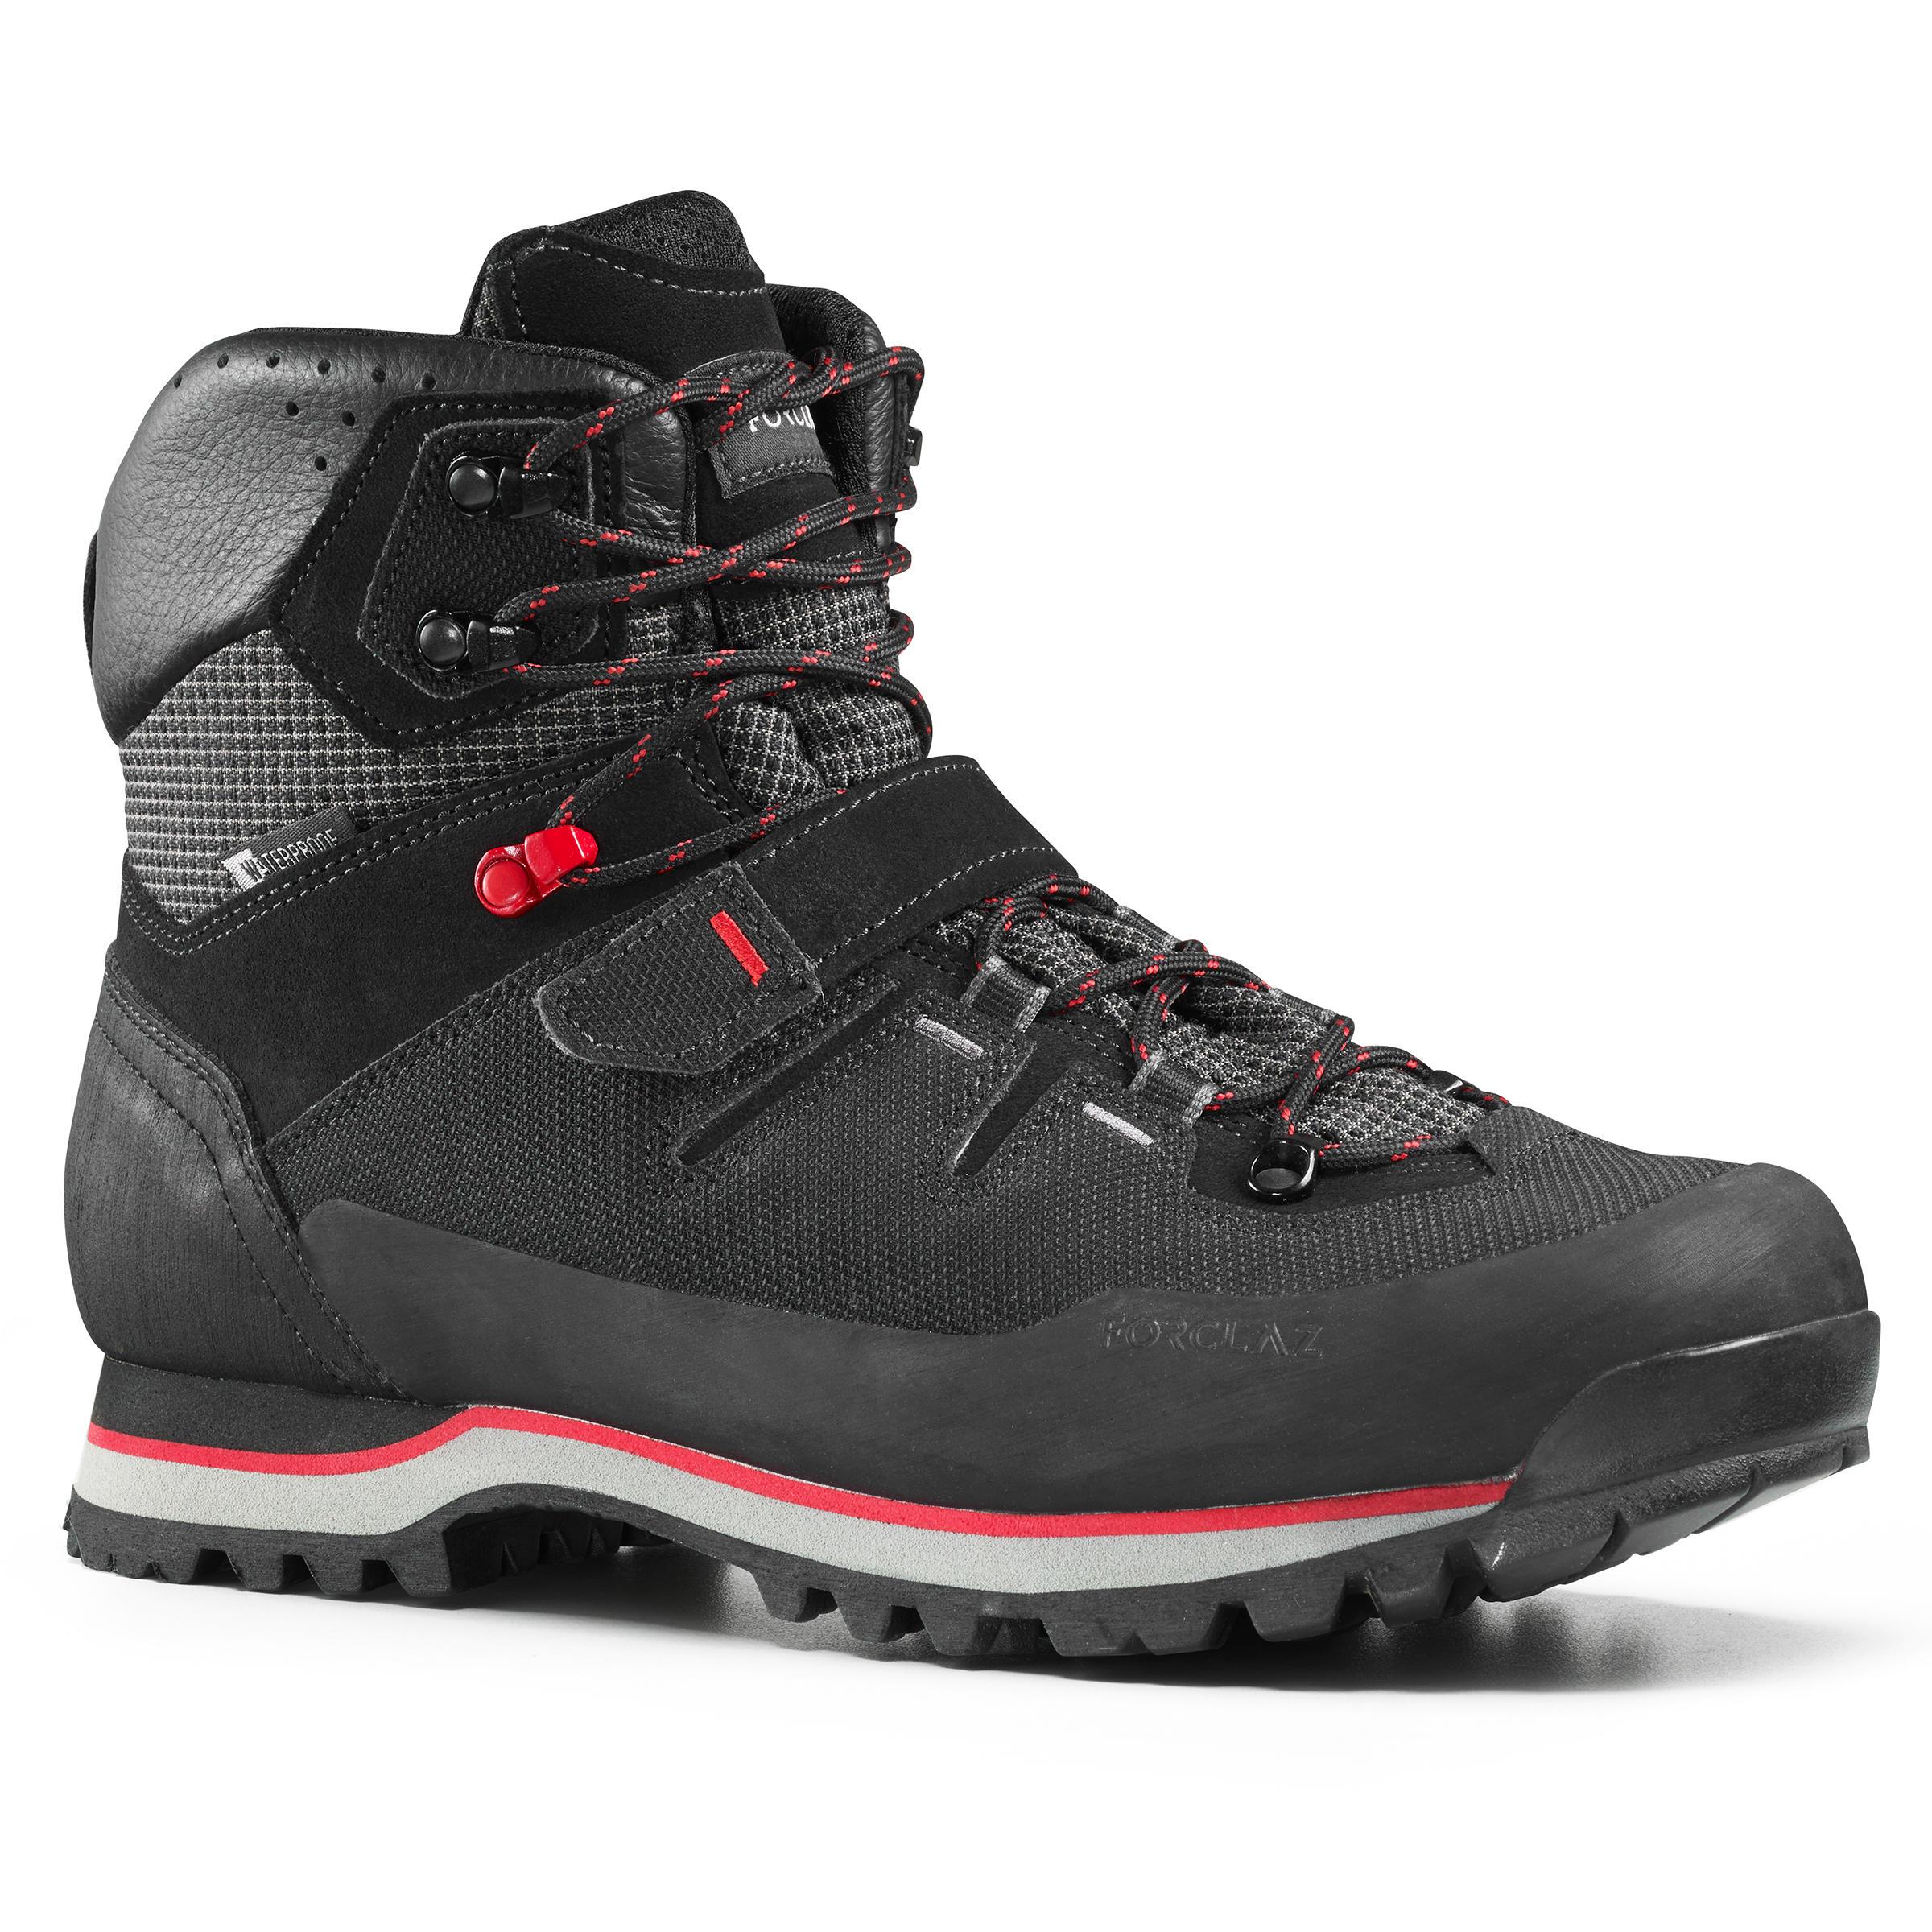 Trekkingschuhe Trek 700 Herren Wasserdicht   Schuhe > Outdoorschuhe > Trekkingschuhe   Forclaz